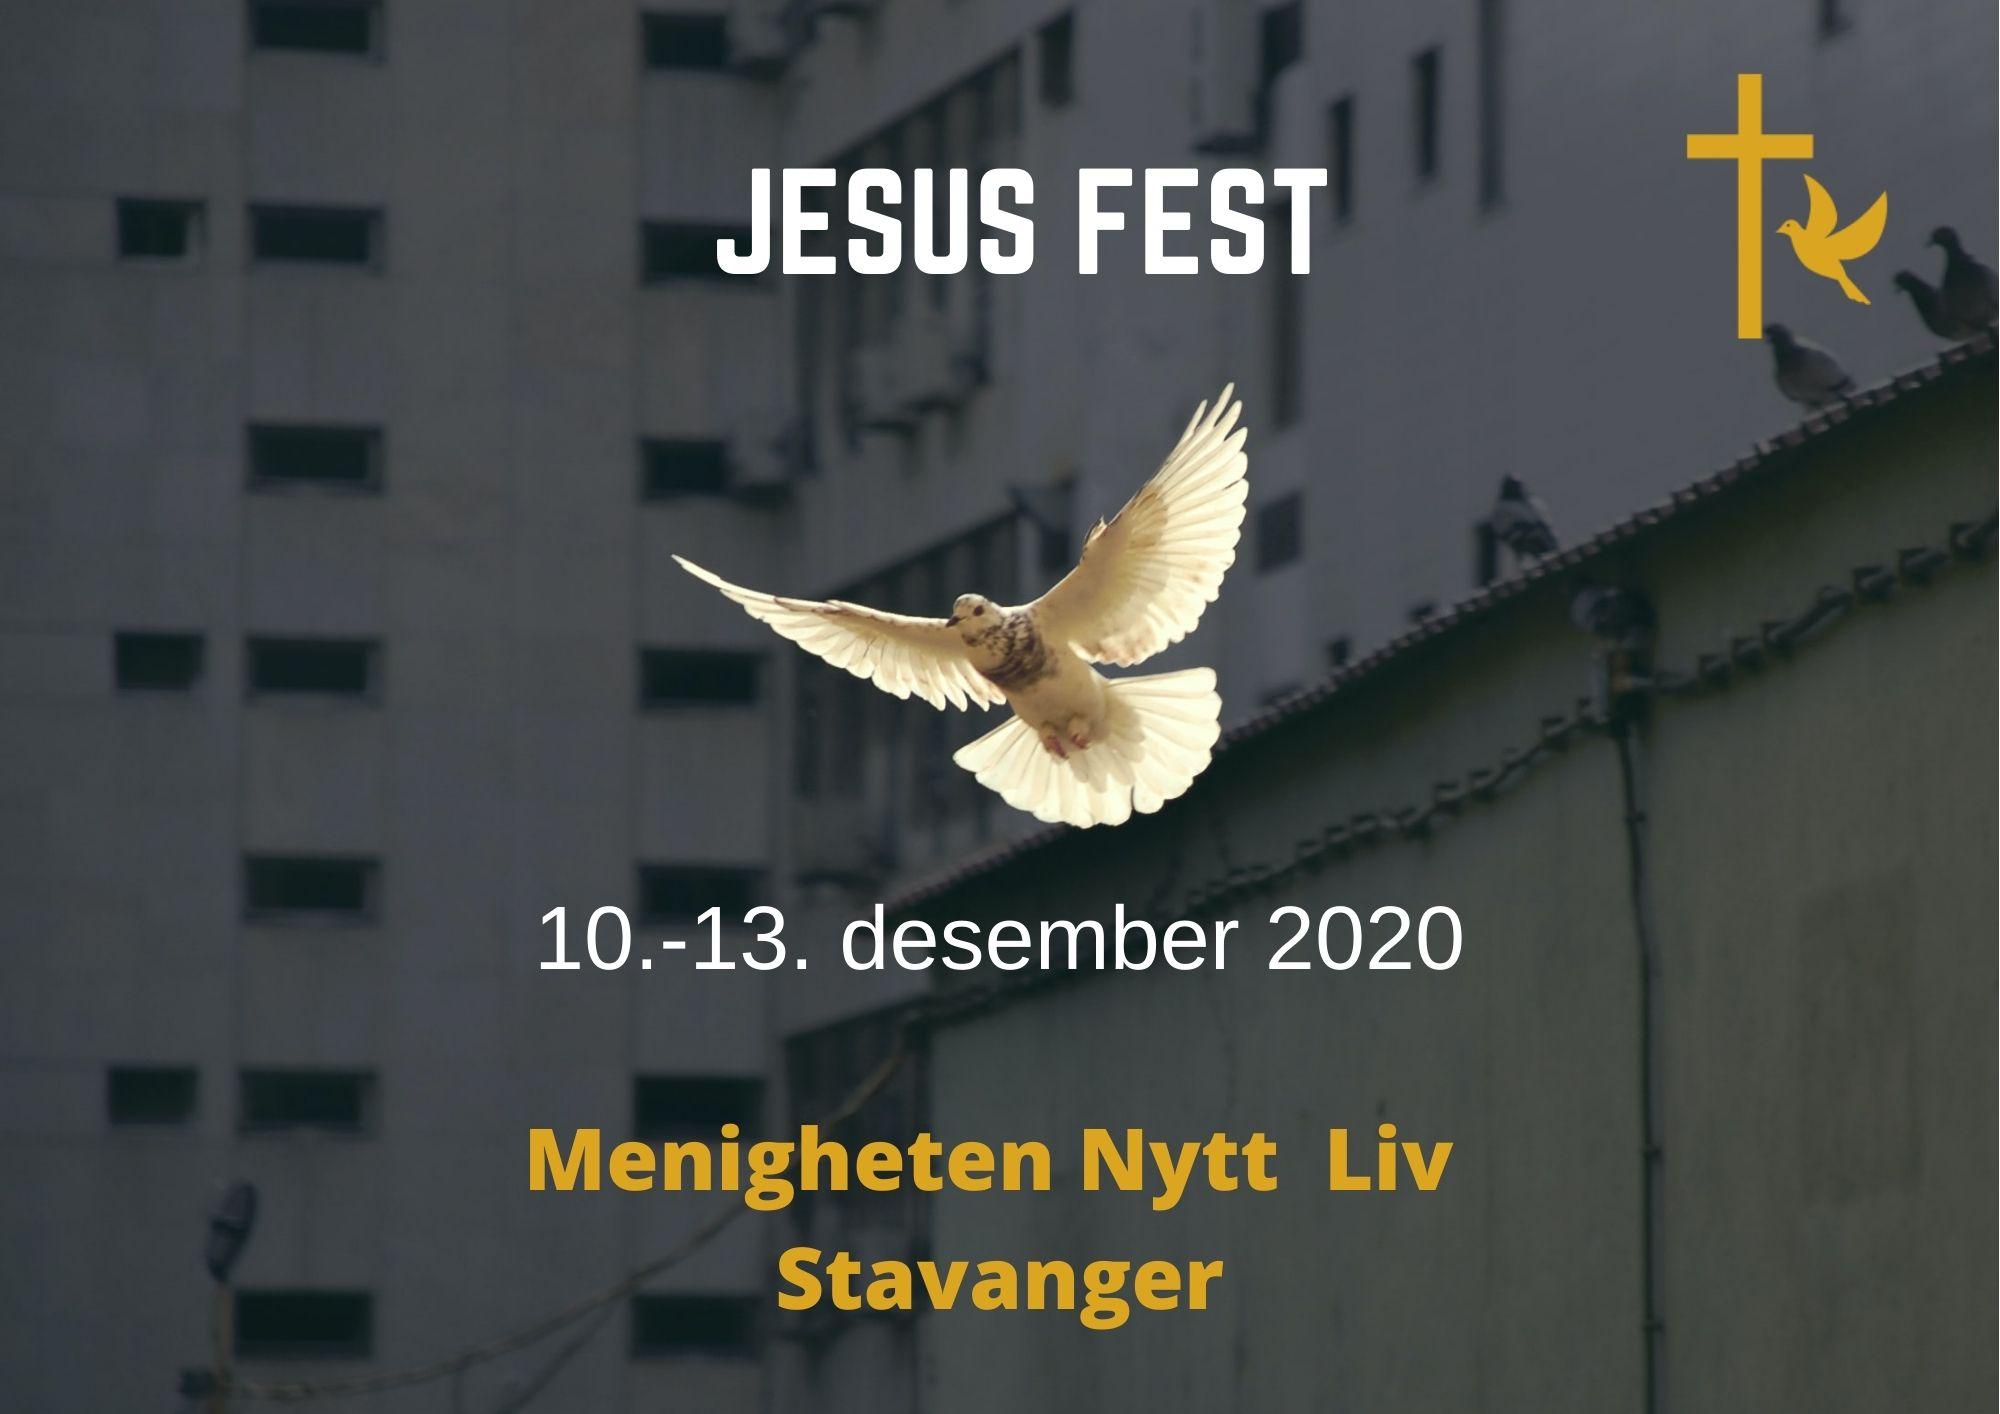 Jesus fest desember 2020